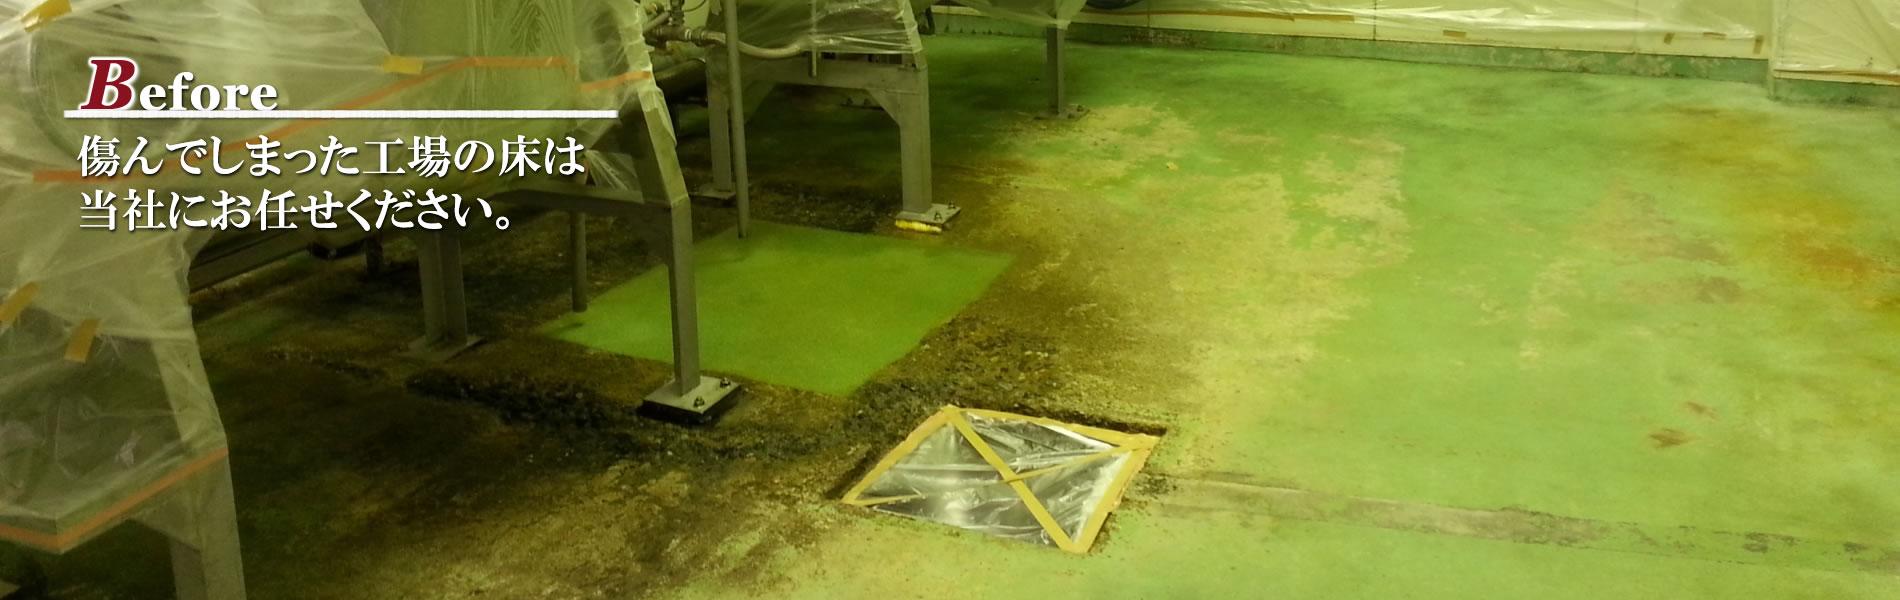 傷んでしまった工場の床は当社にお任せください。